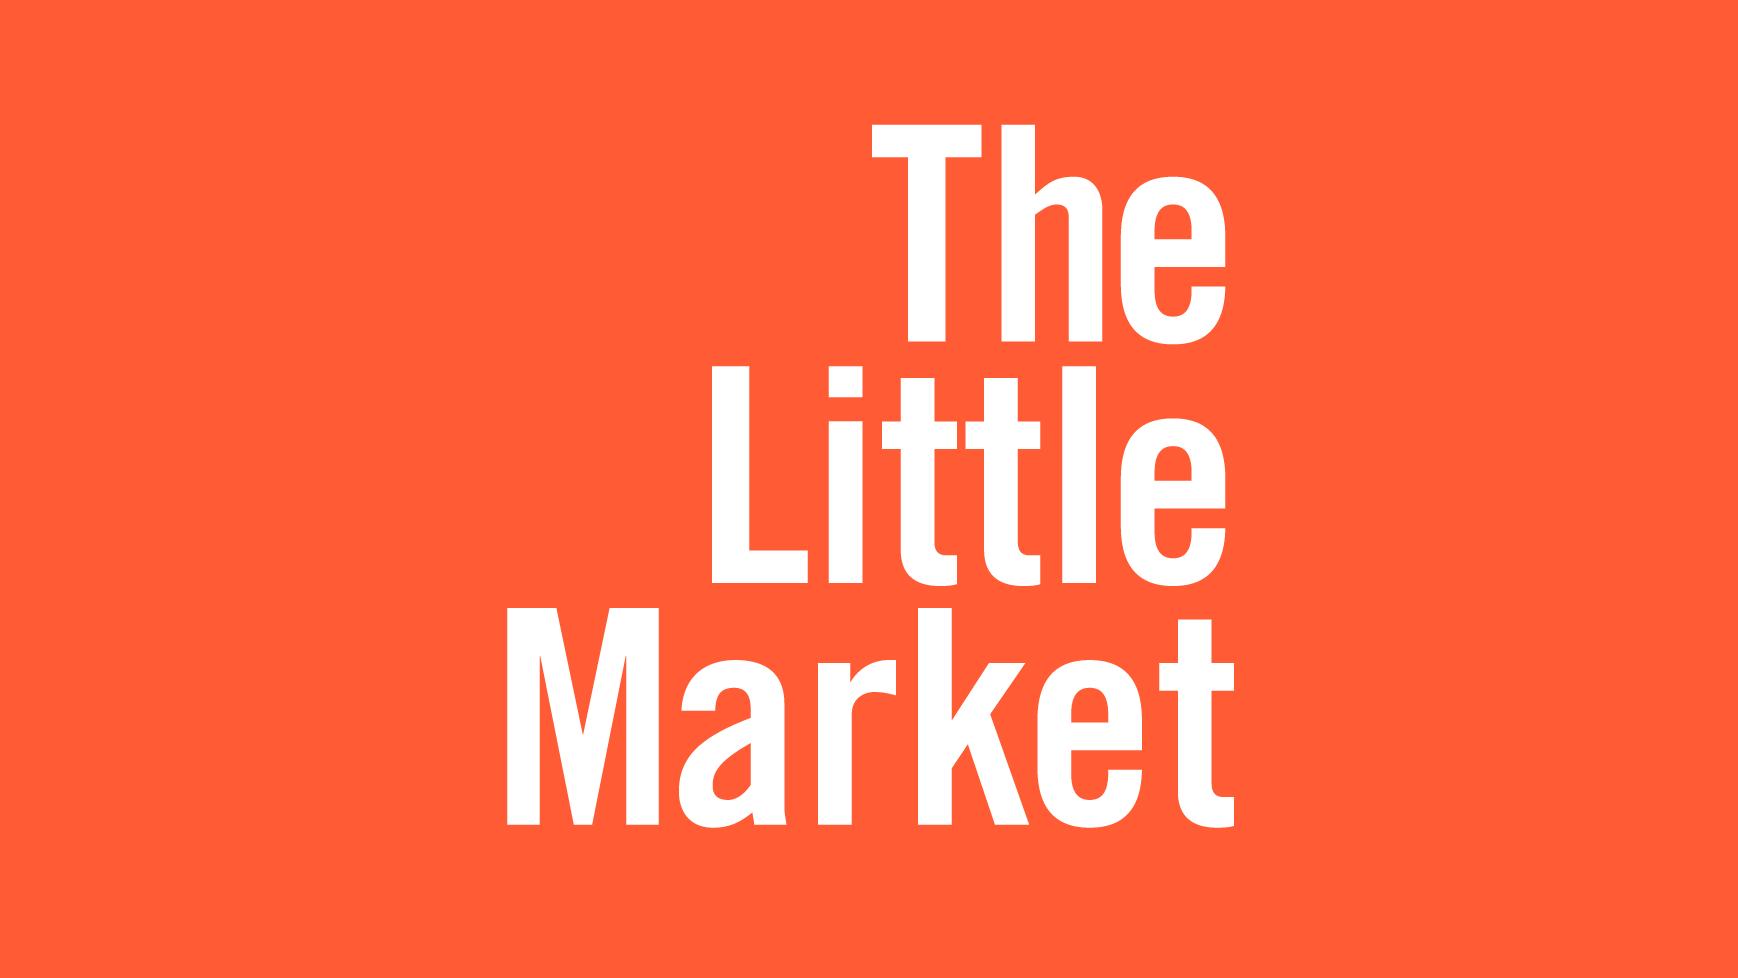 the little market sophia chan